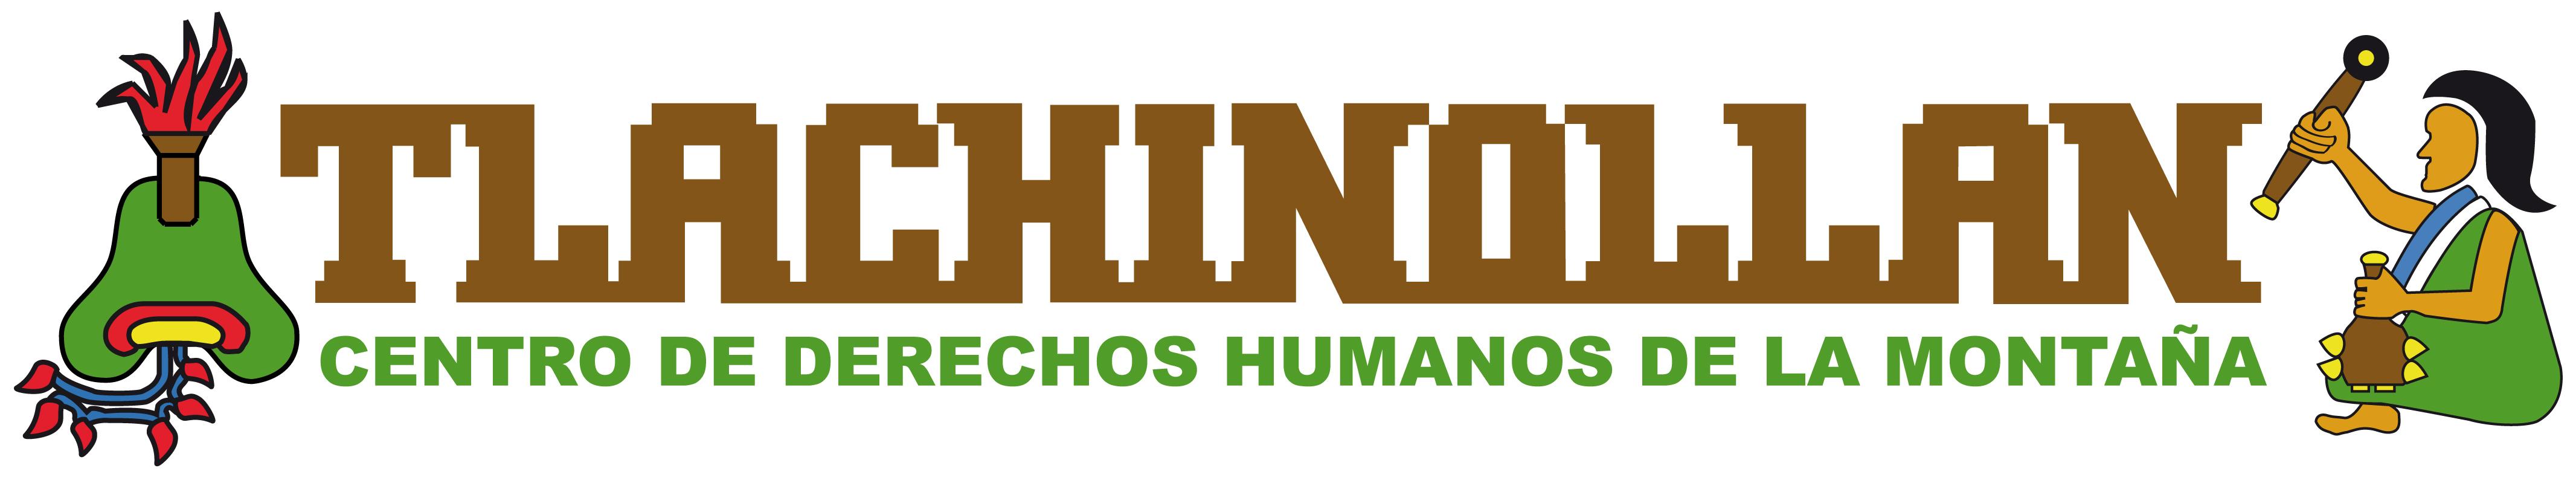 Tlachinollan | Centro de Derechos Humanos de la Montaña